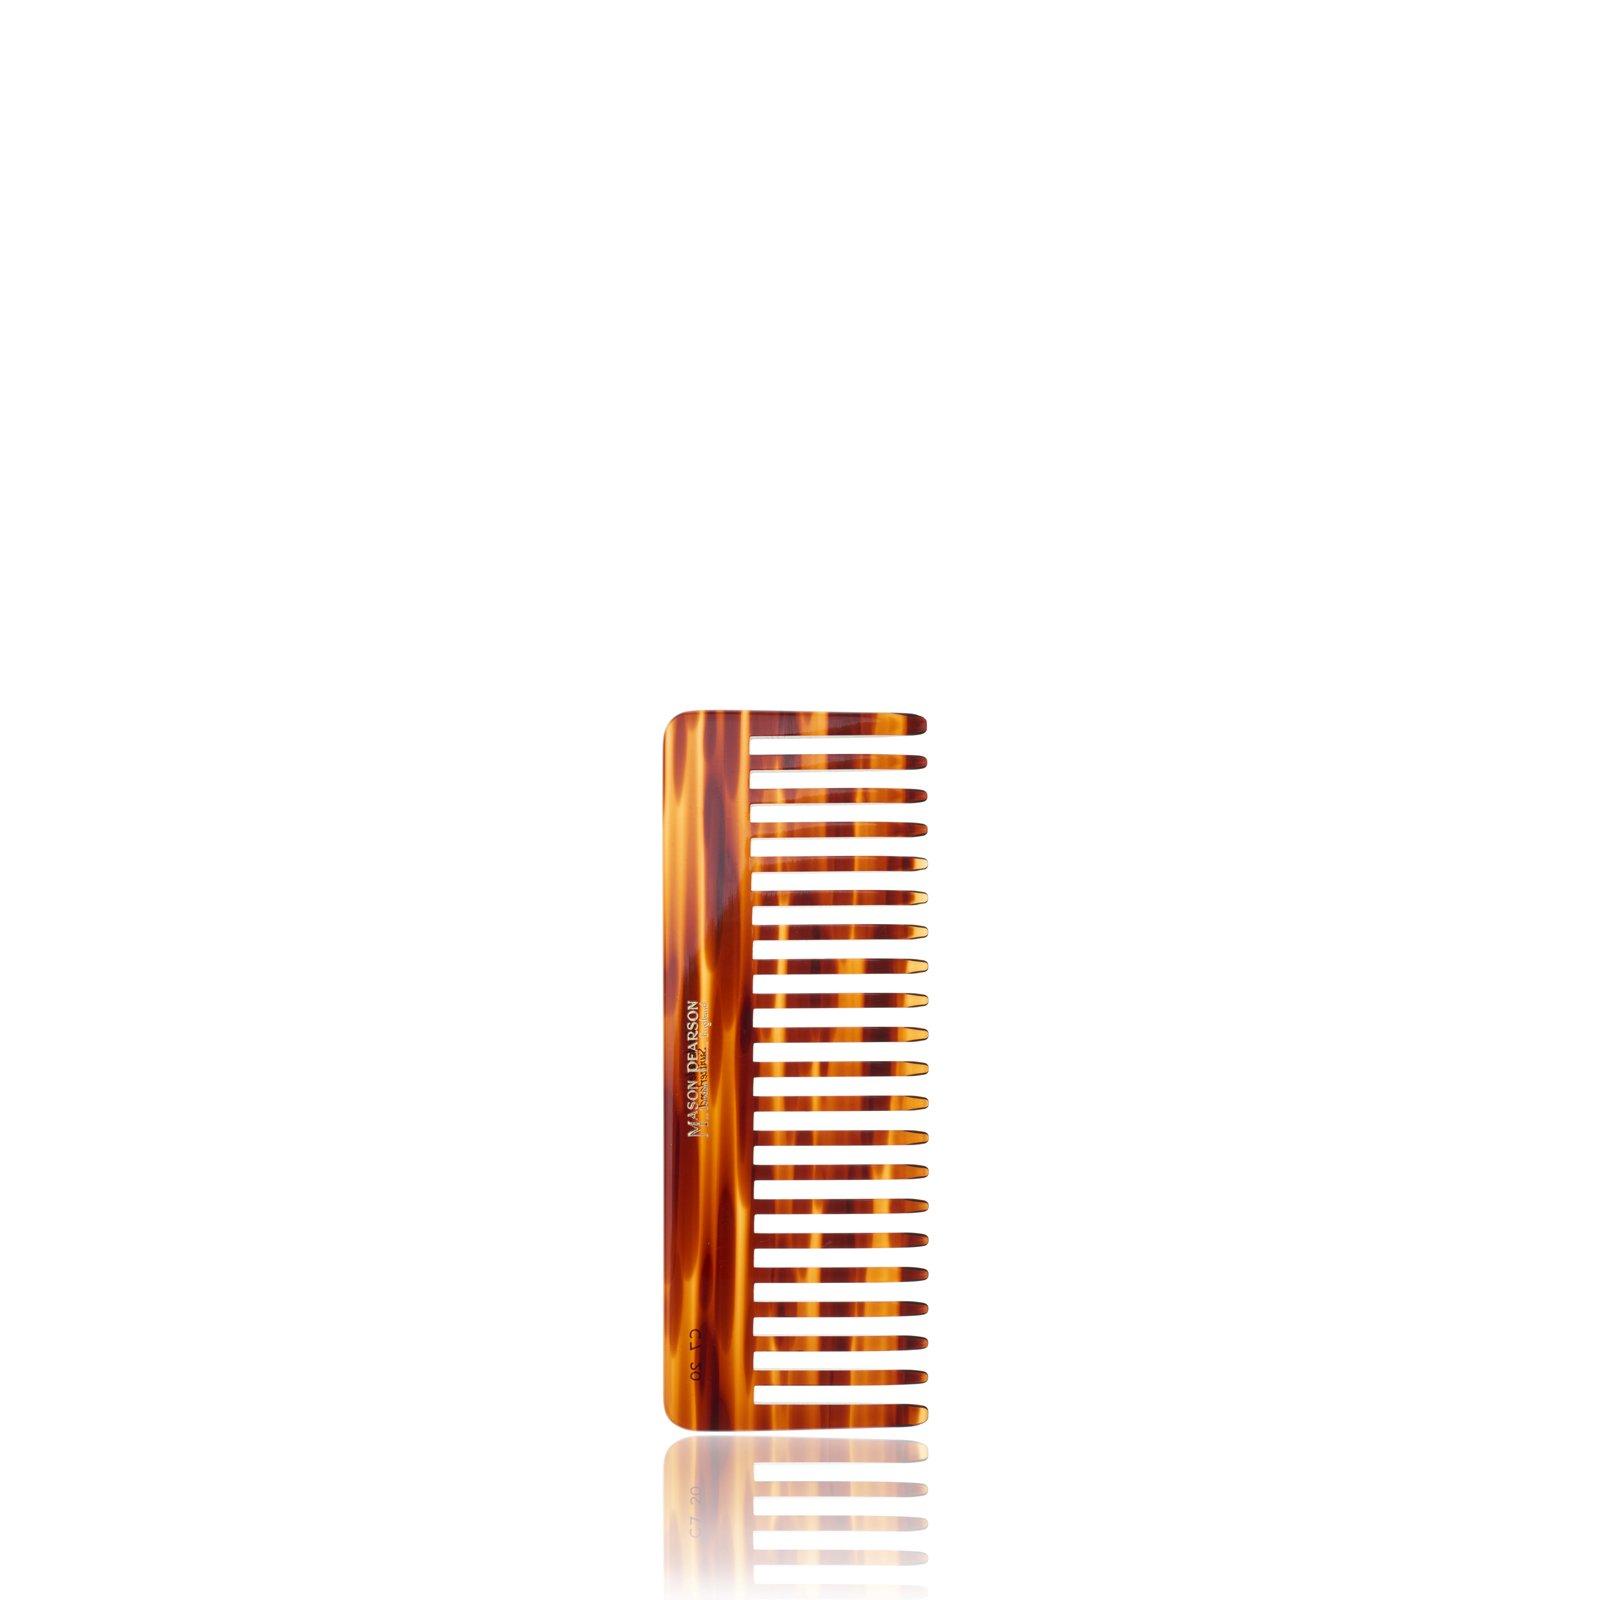 C7 Rake Comb from Mason Pearson